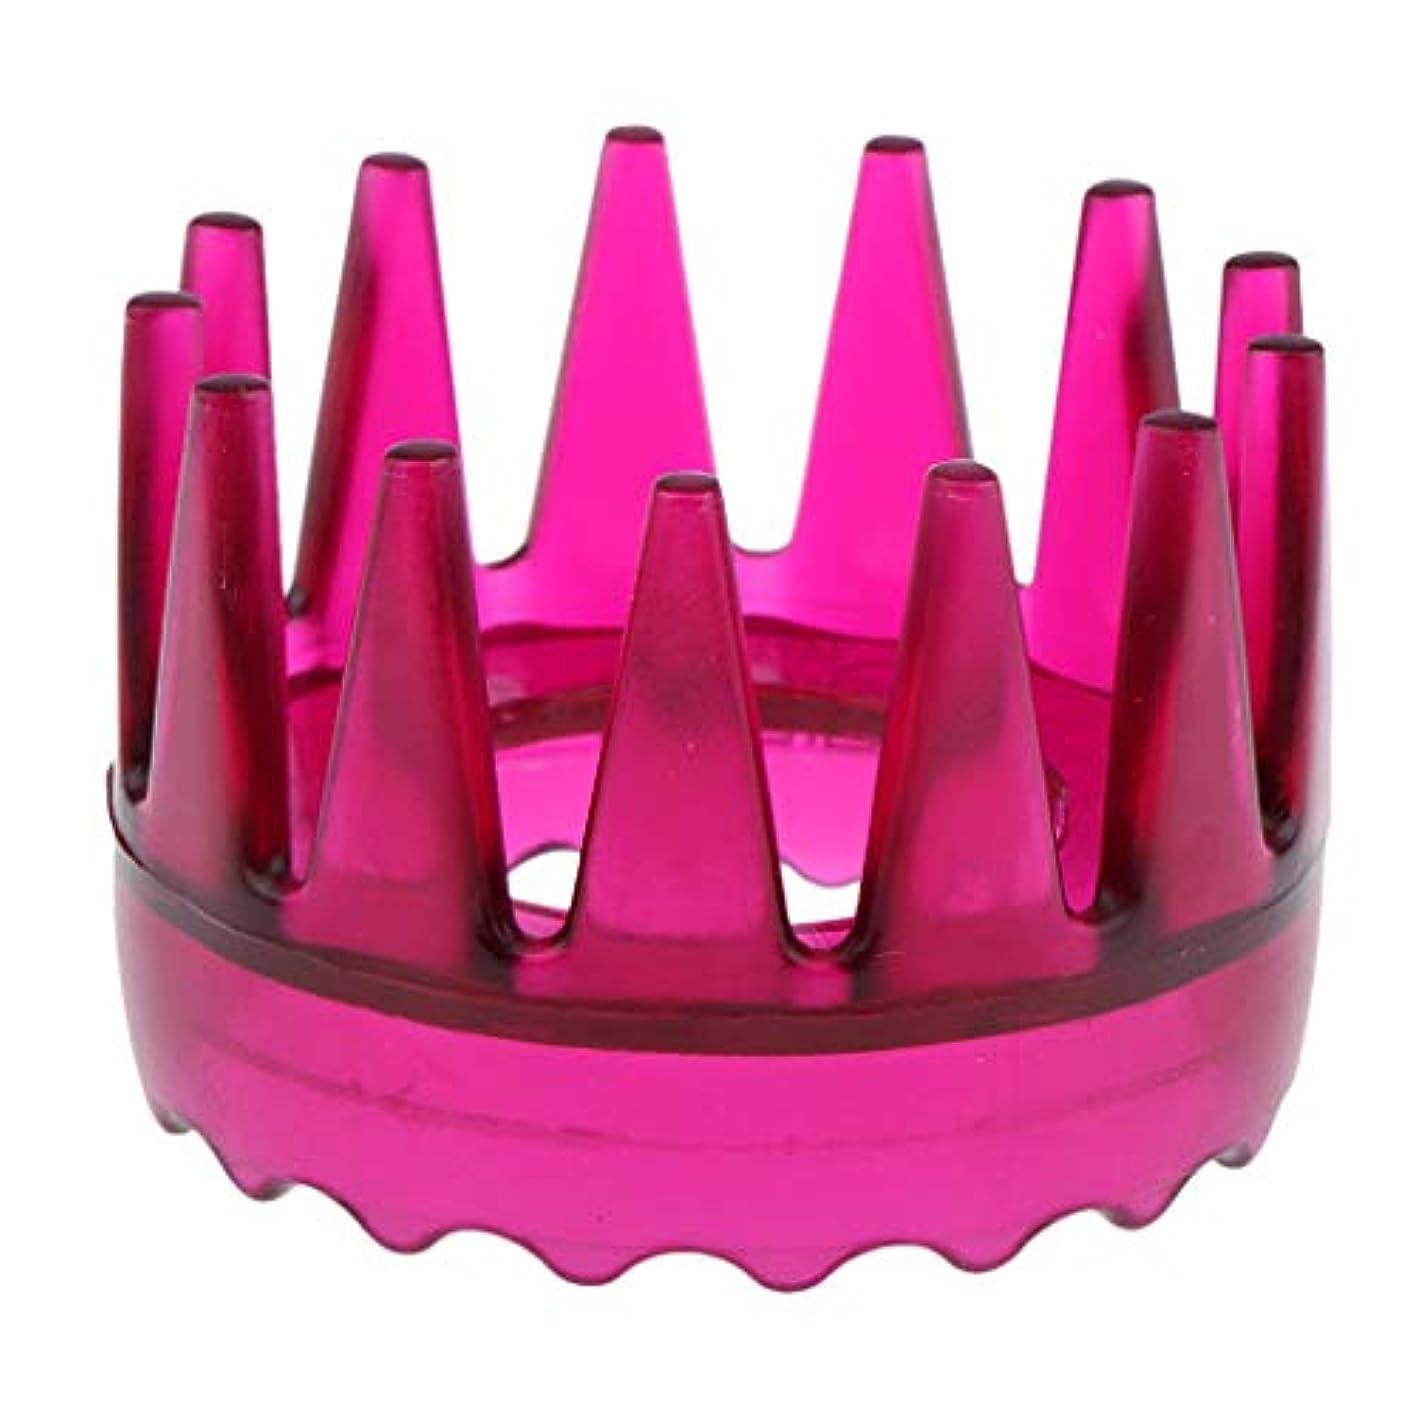 奪う余暇競争力のある頭皮マッサージ 櫛 シャワー シャンプー ヘアブラシ 4色選べ - ローズレッド